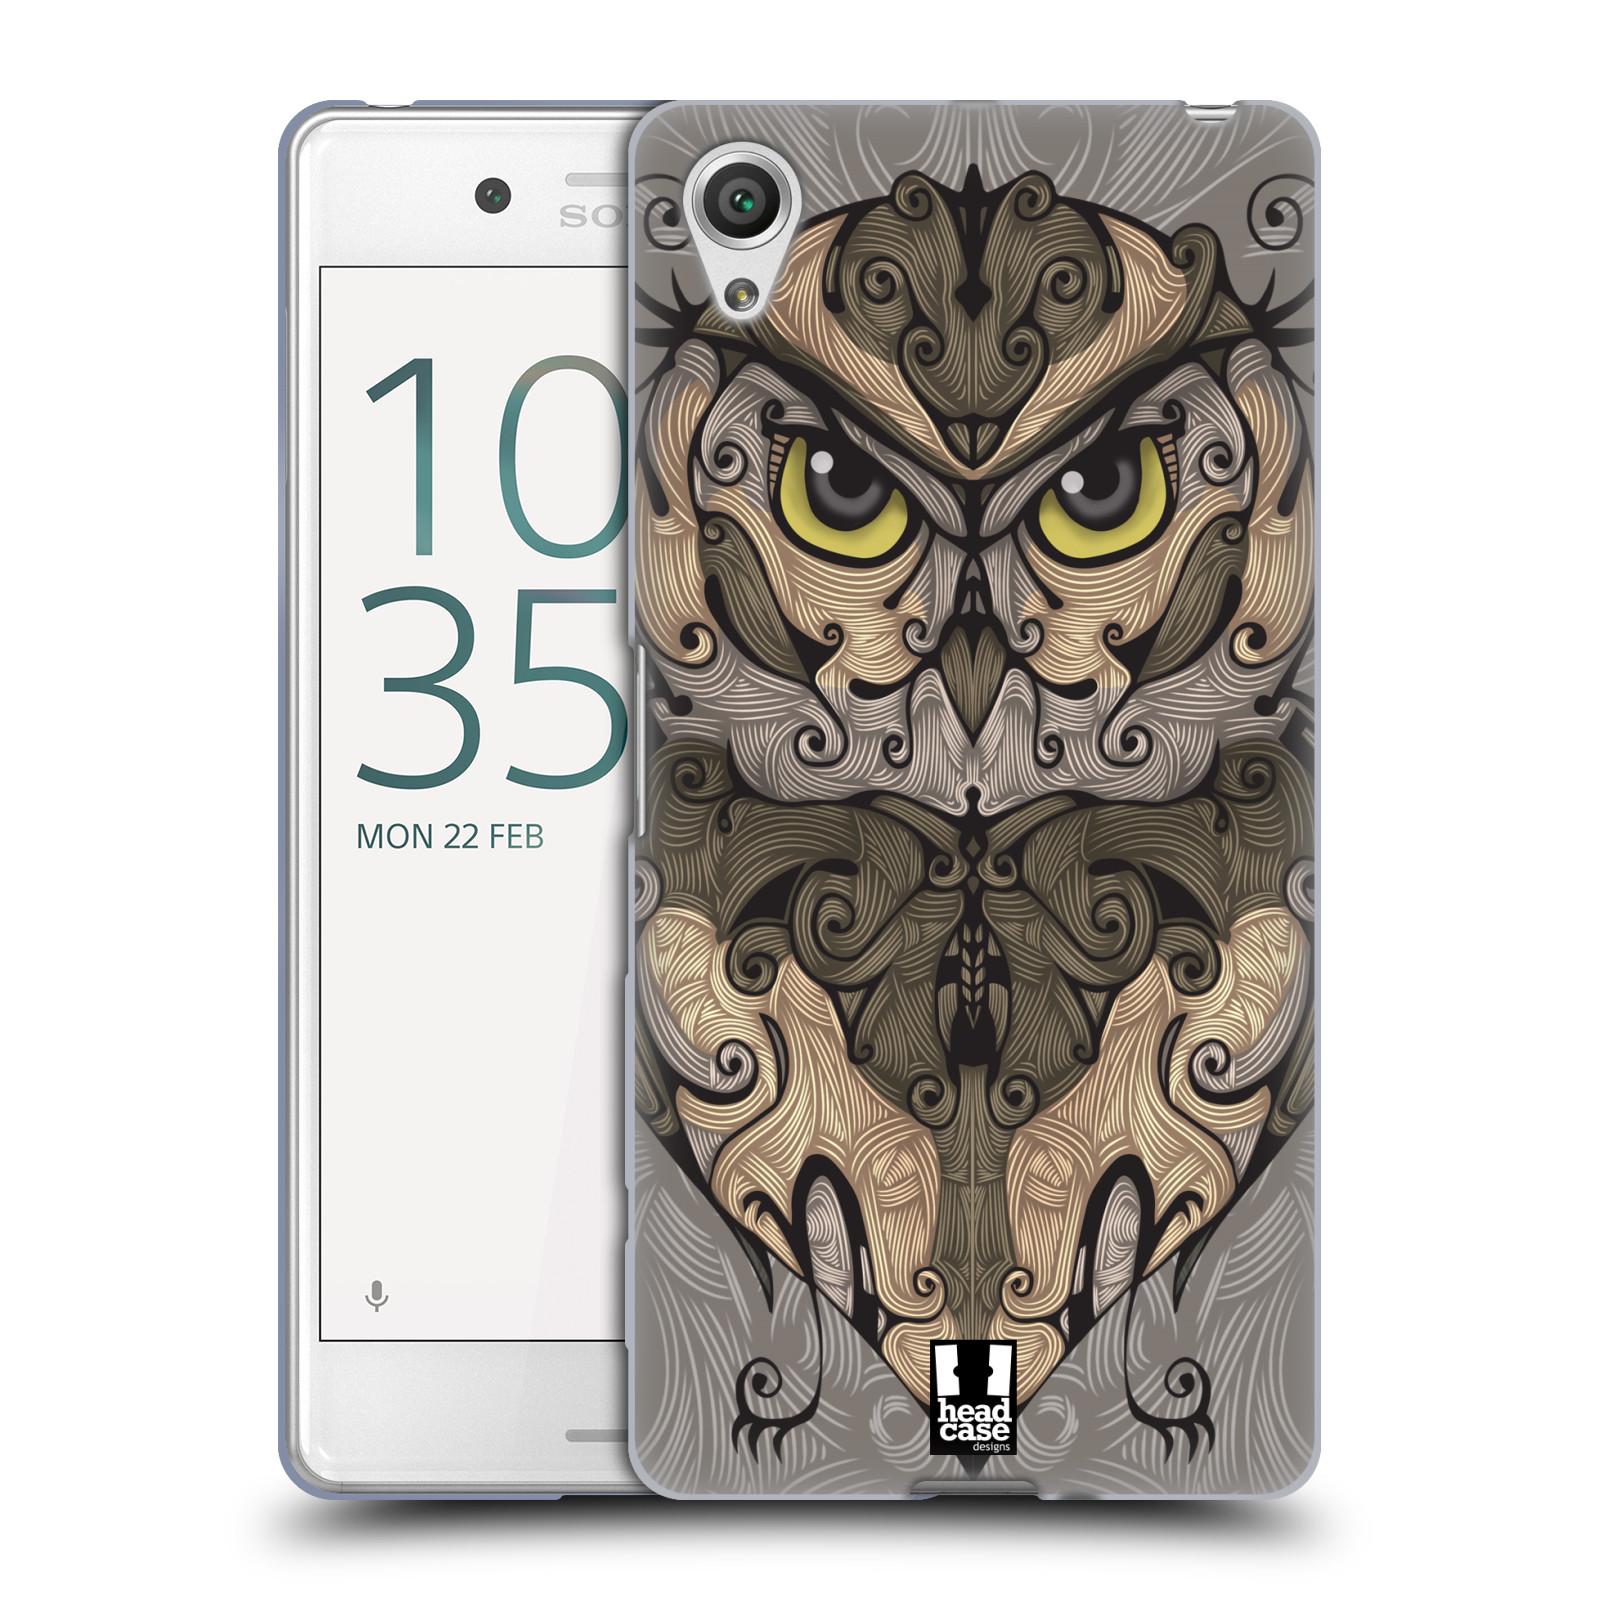 HEAD CASE silikonový obal na mobil Sony Xperia X PERFORMANCE (F8131, F8132) vzor kudrlinky zvíře sova